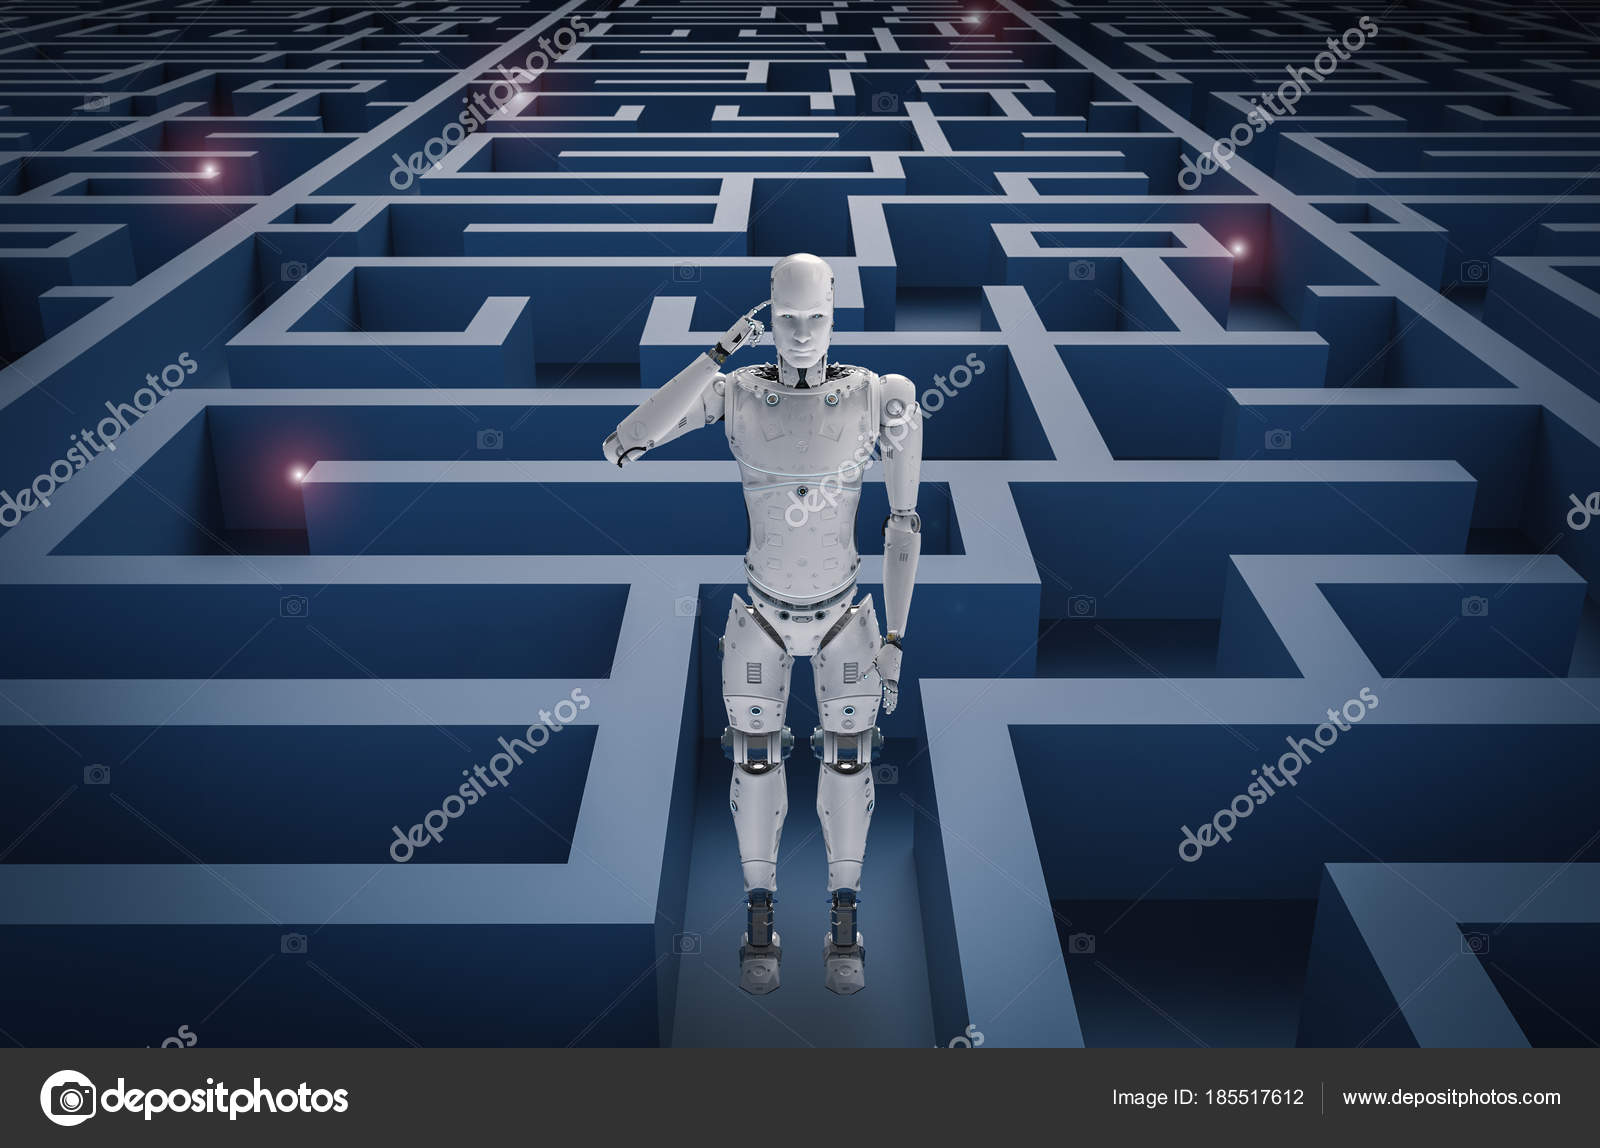 Fotos Laberintos Dificiles Robot En Laberinto Foto De Stock